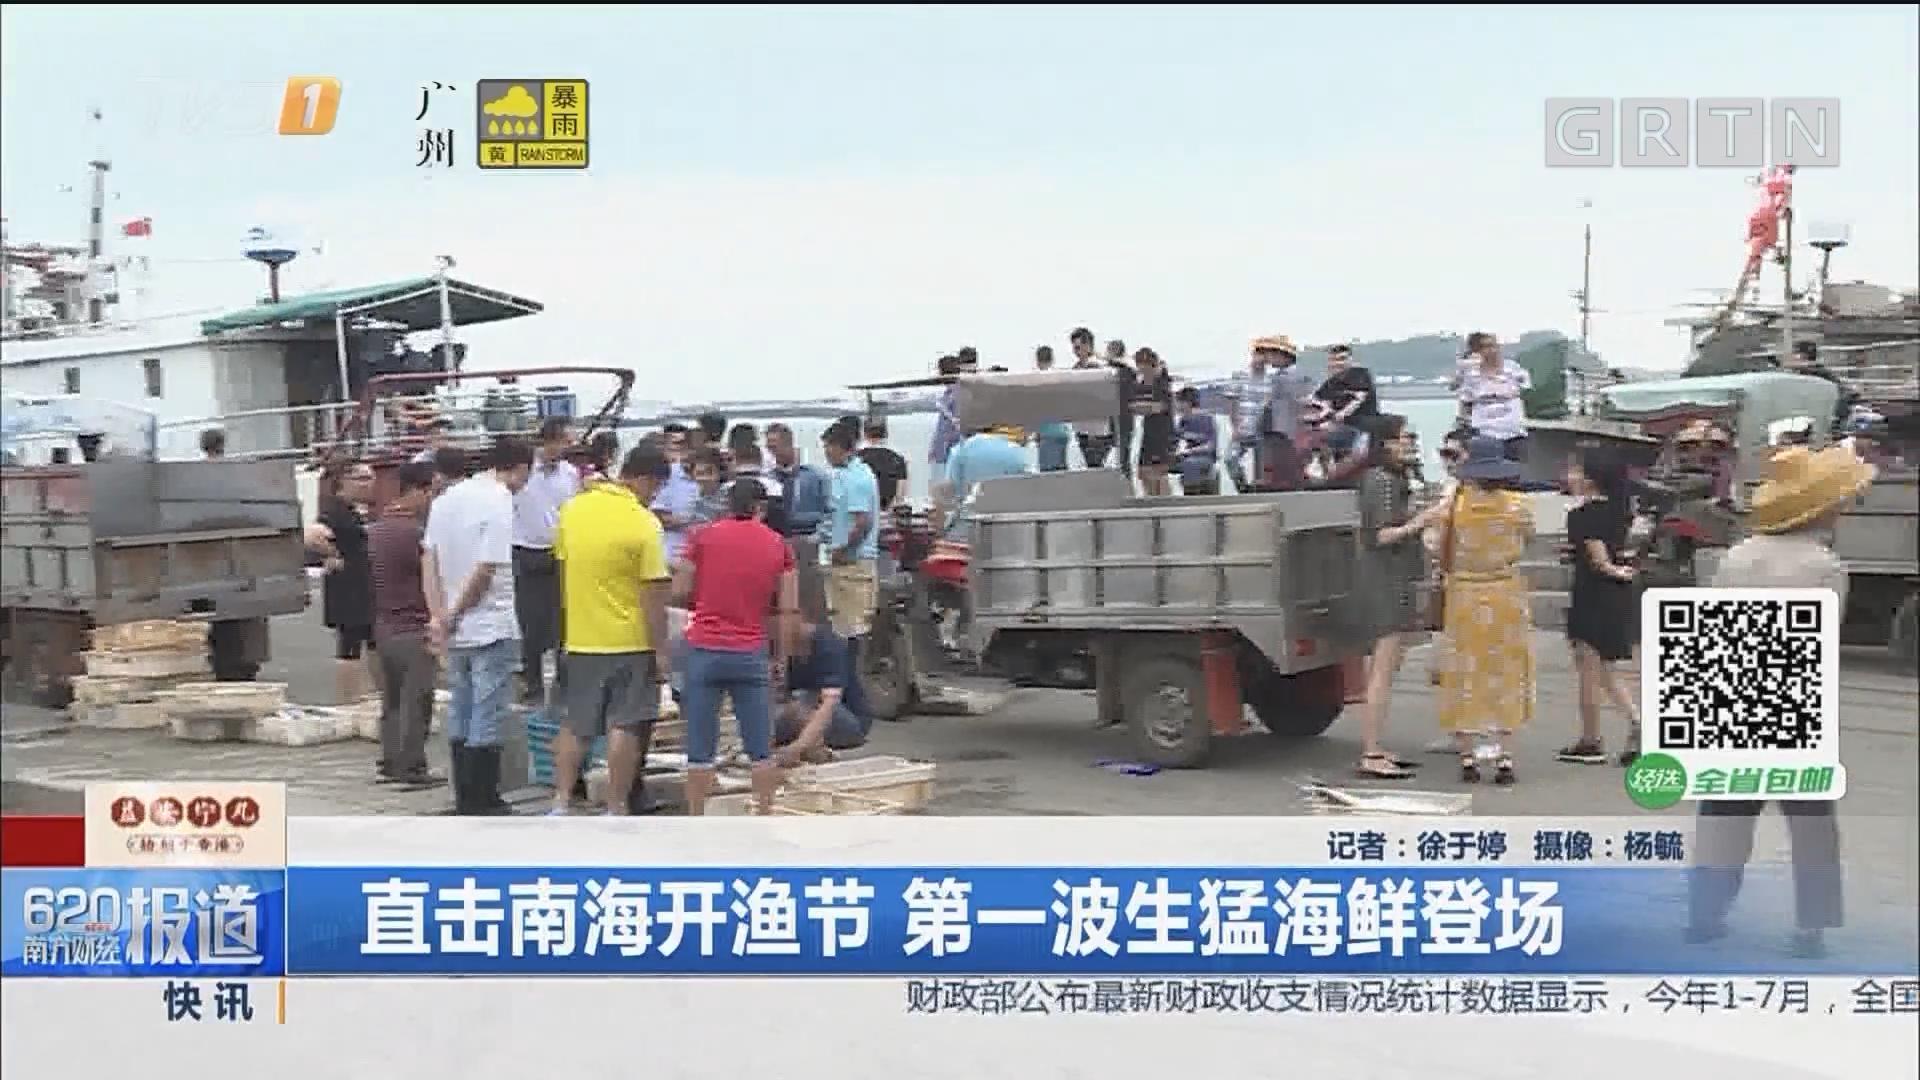 直击南海开渔节 第一波生猛海鲜登场